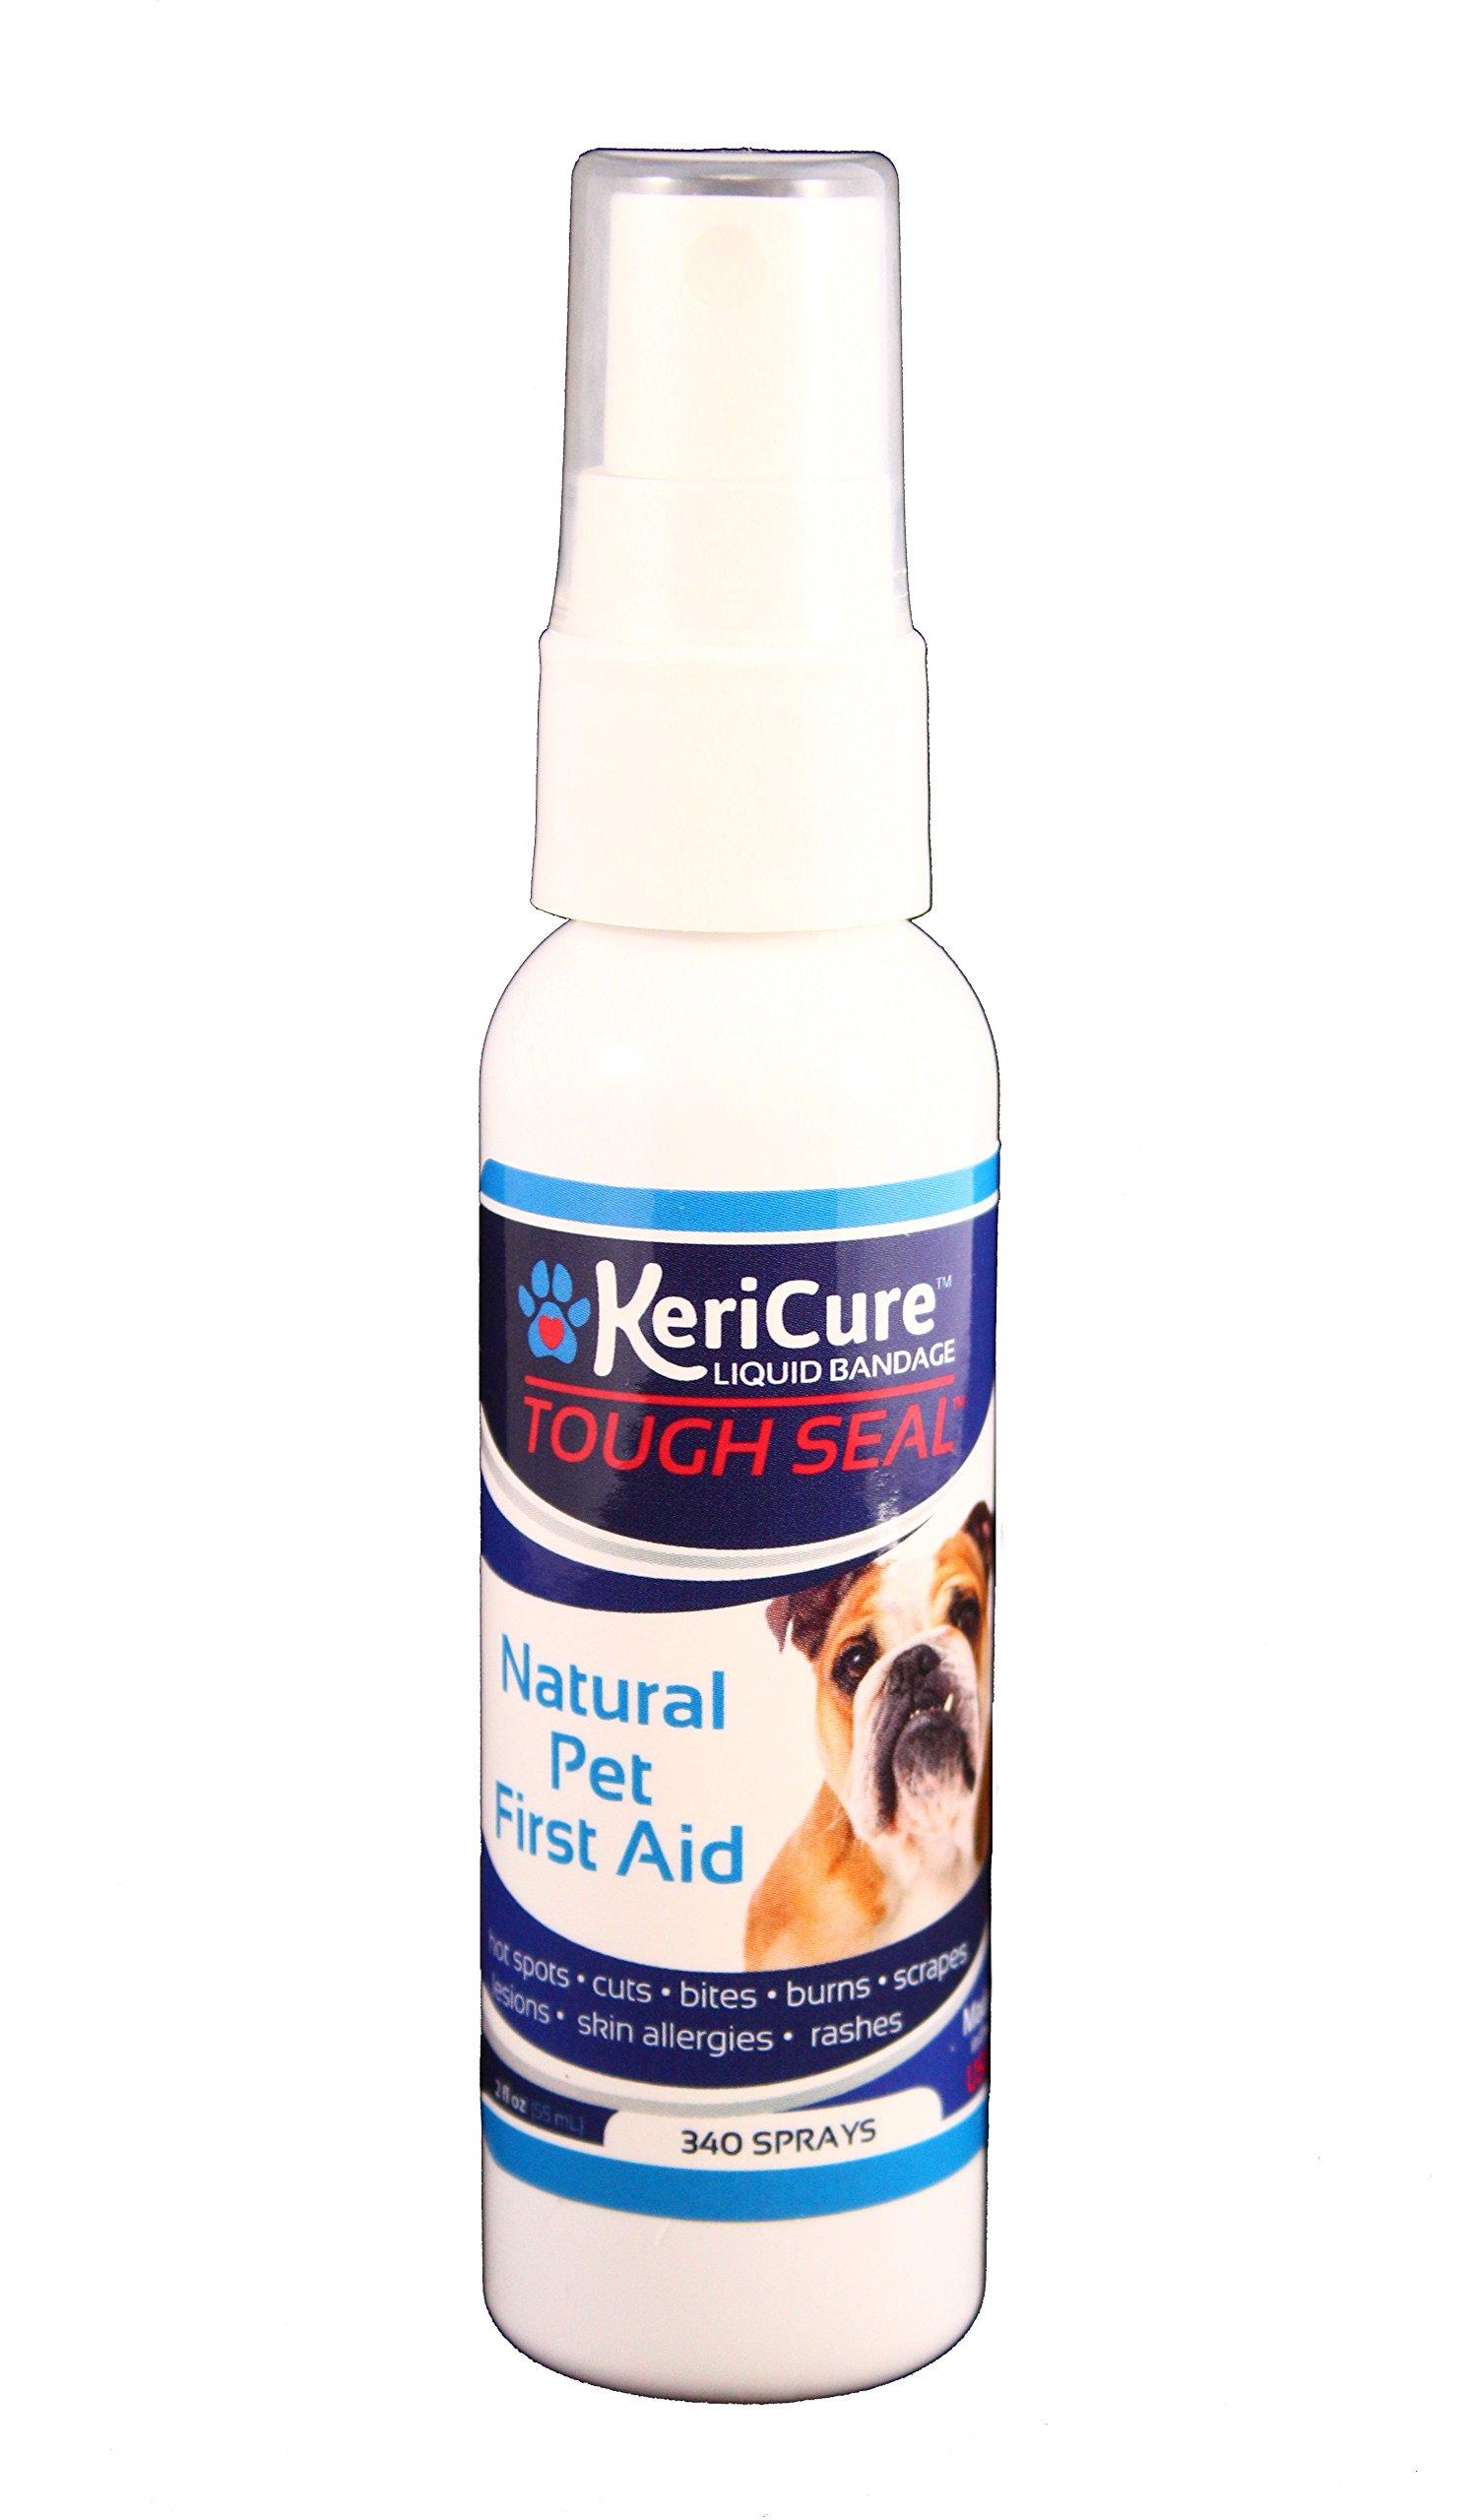 KeriCure 2 oz Tough Seal Pet Liquid Bandage by KeriCure